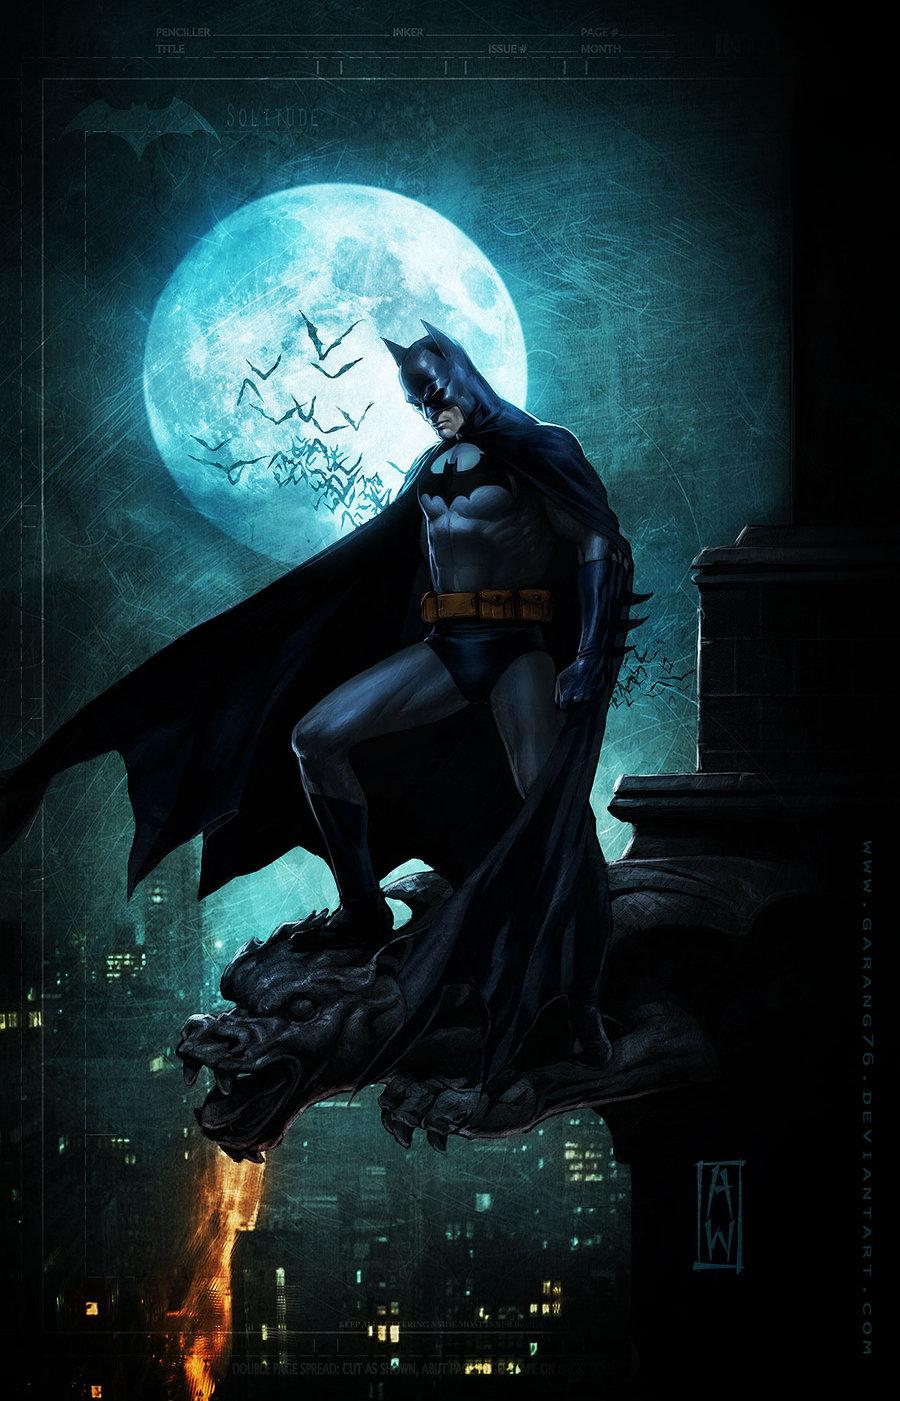 Best Batman Images Free Download